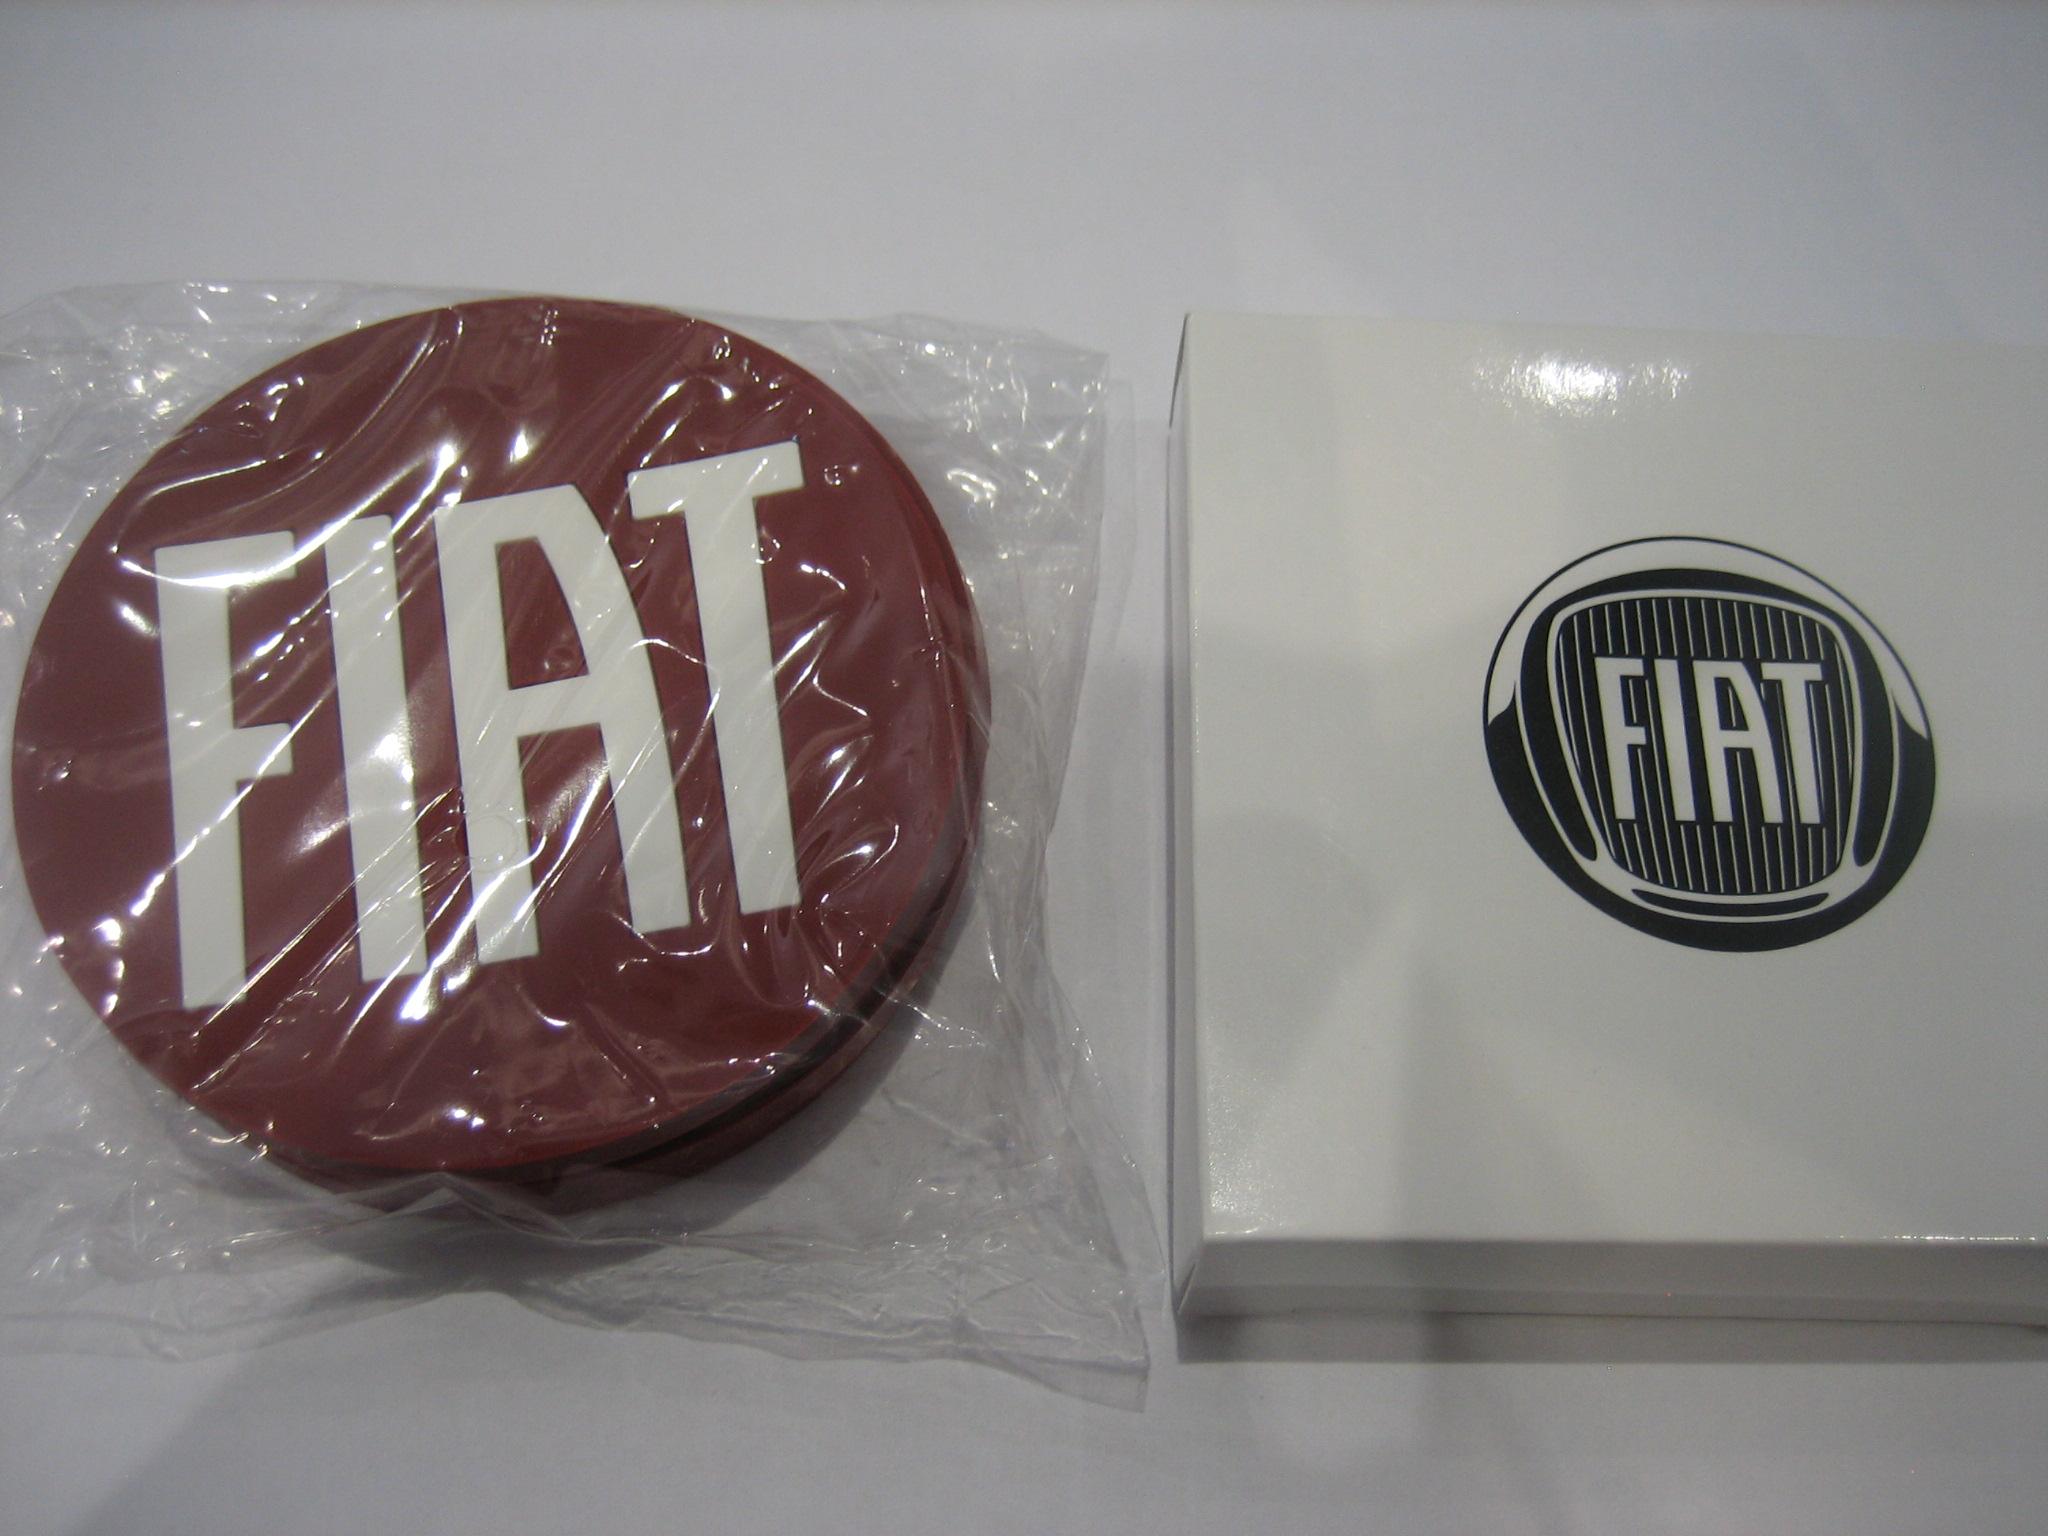 FIATオリジナルコースター 5枚セット